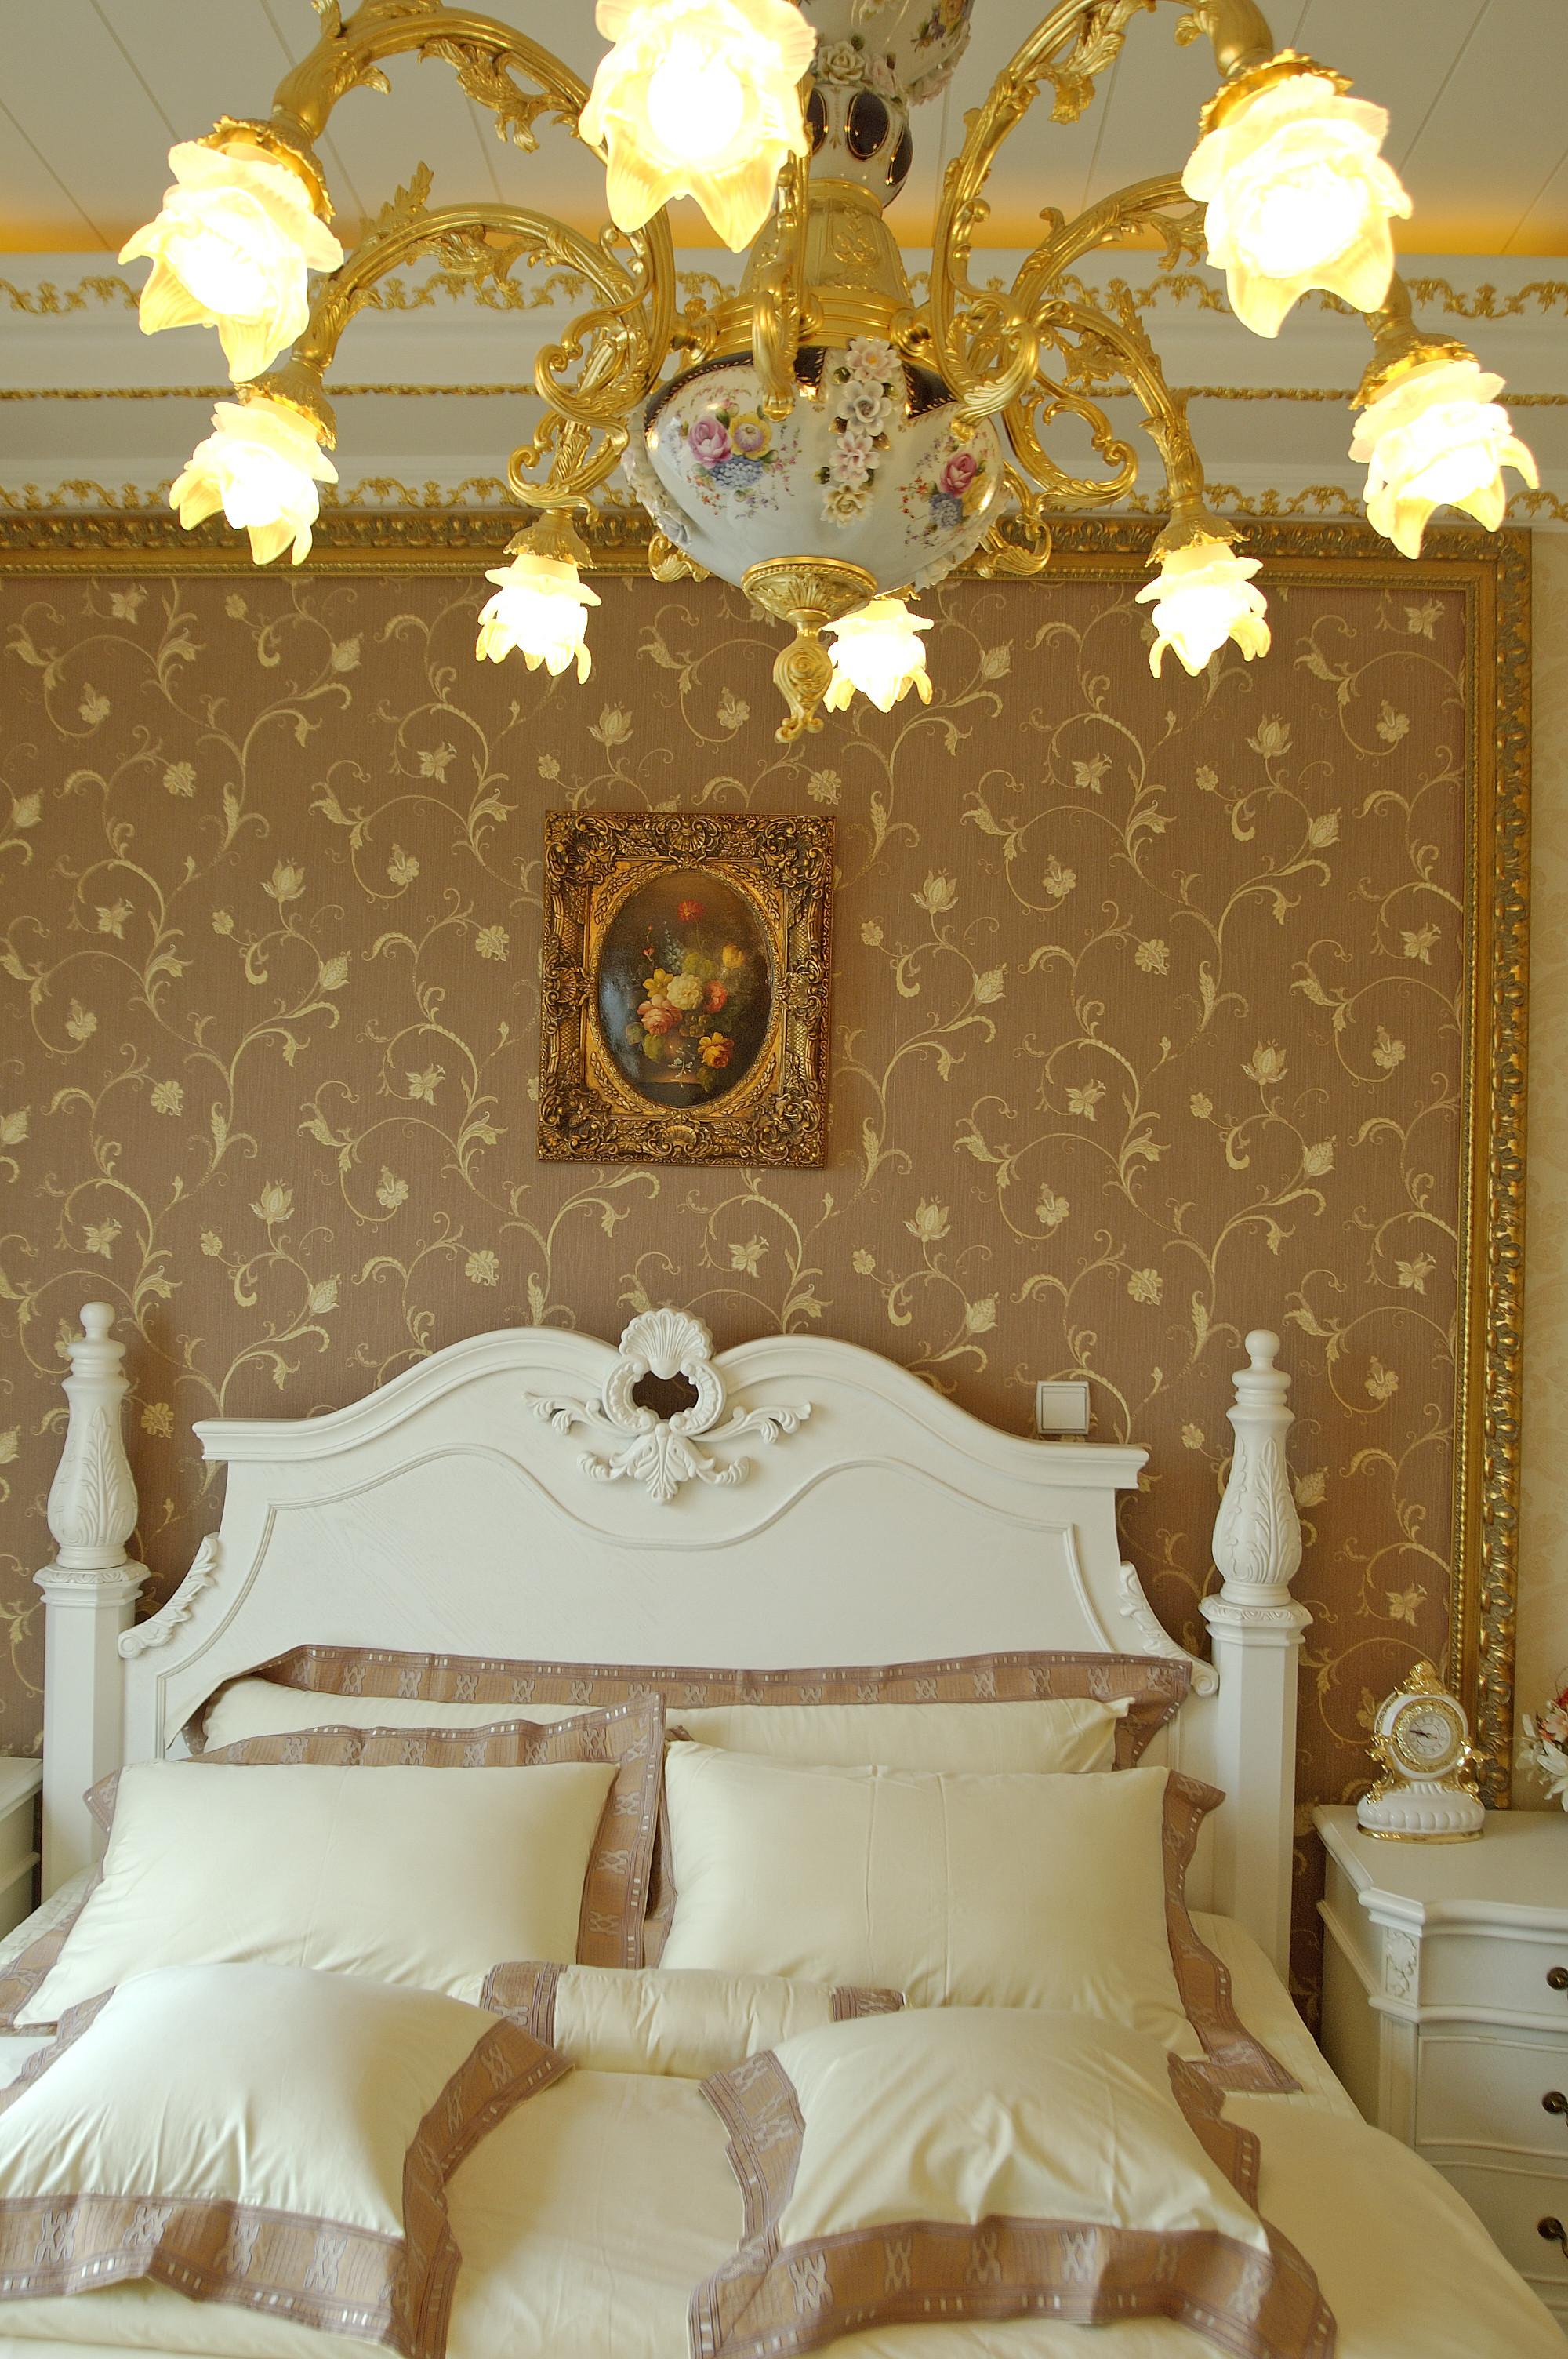 欧式奢华风格别墅装修卧室背景墙图片